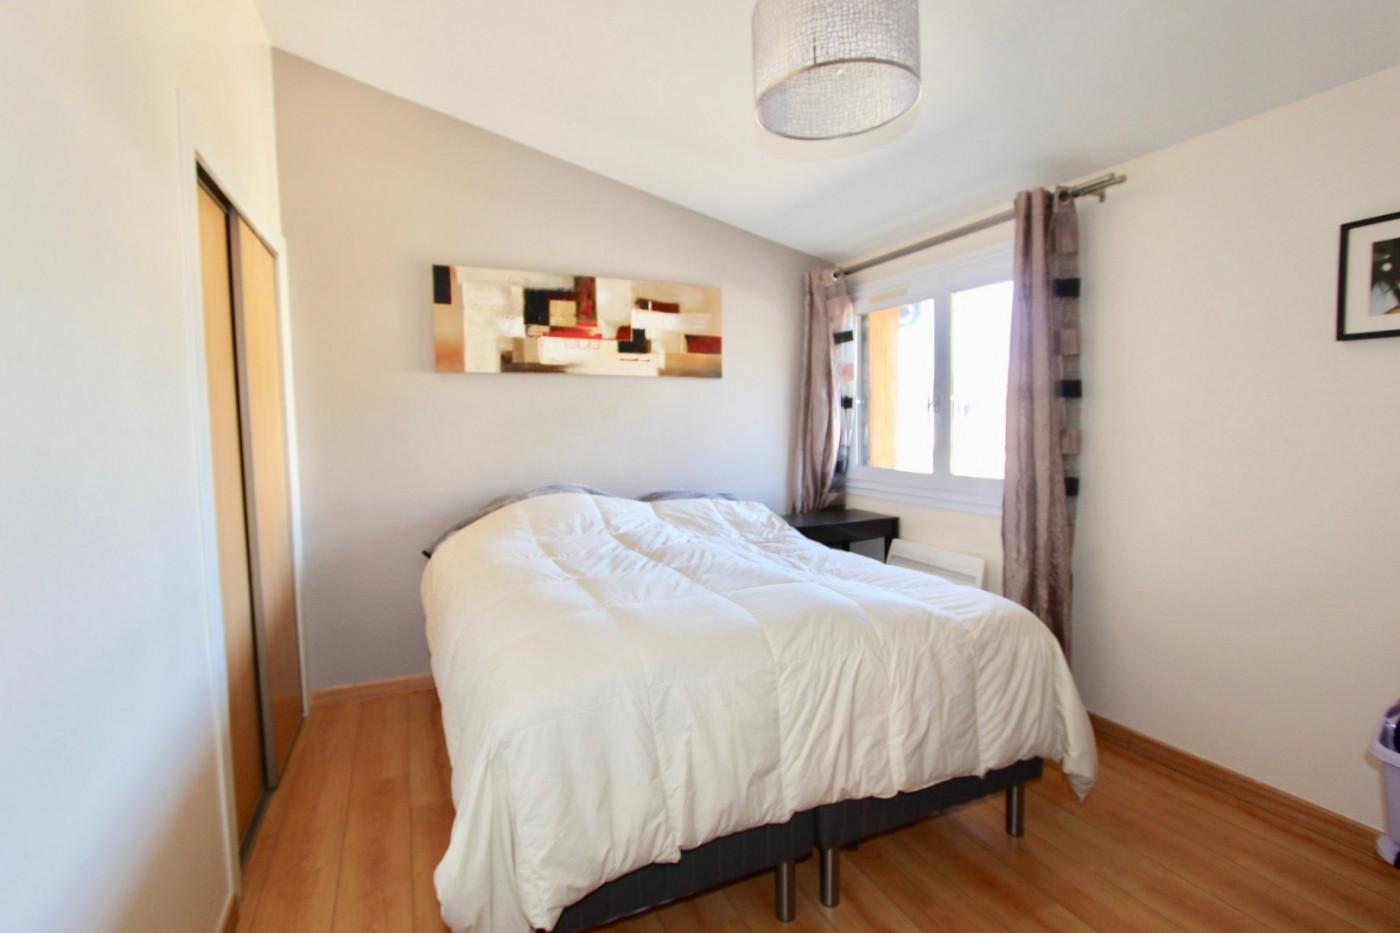 A vendre Cran Gevrier 7402363 Resonance immobilière